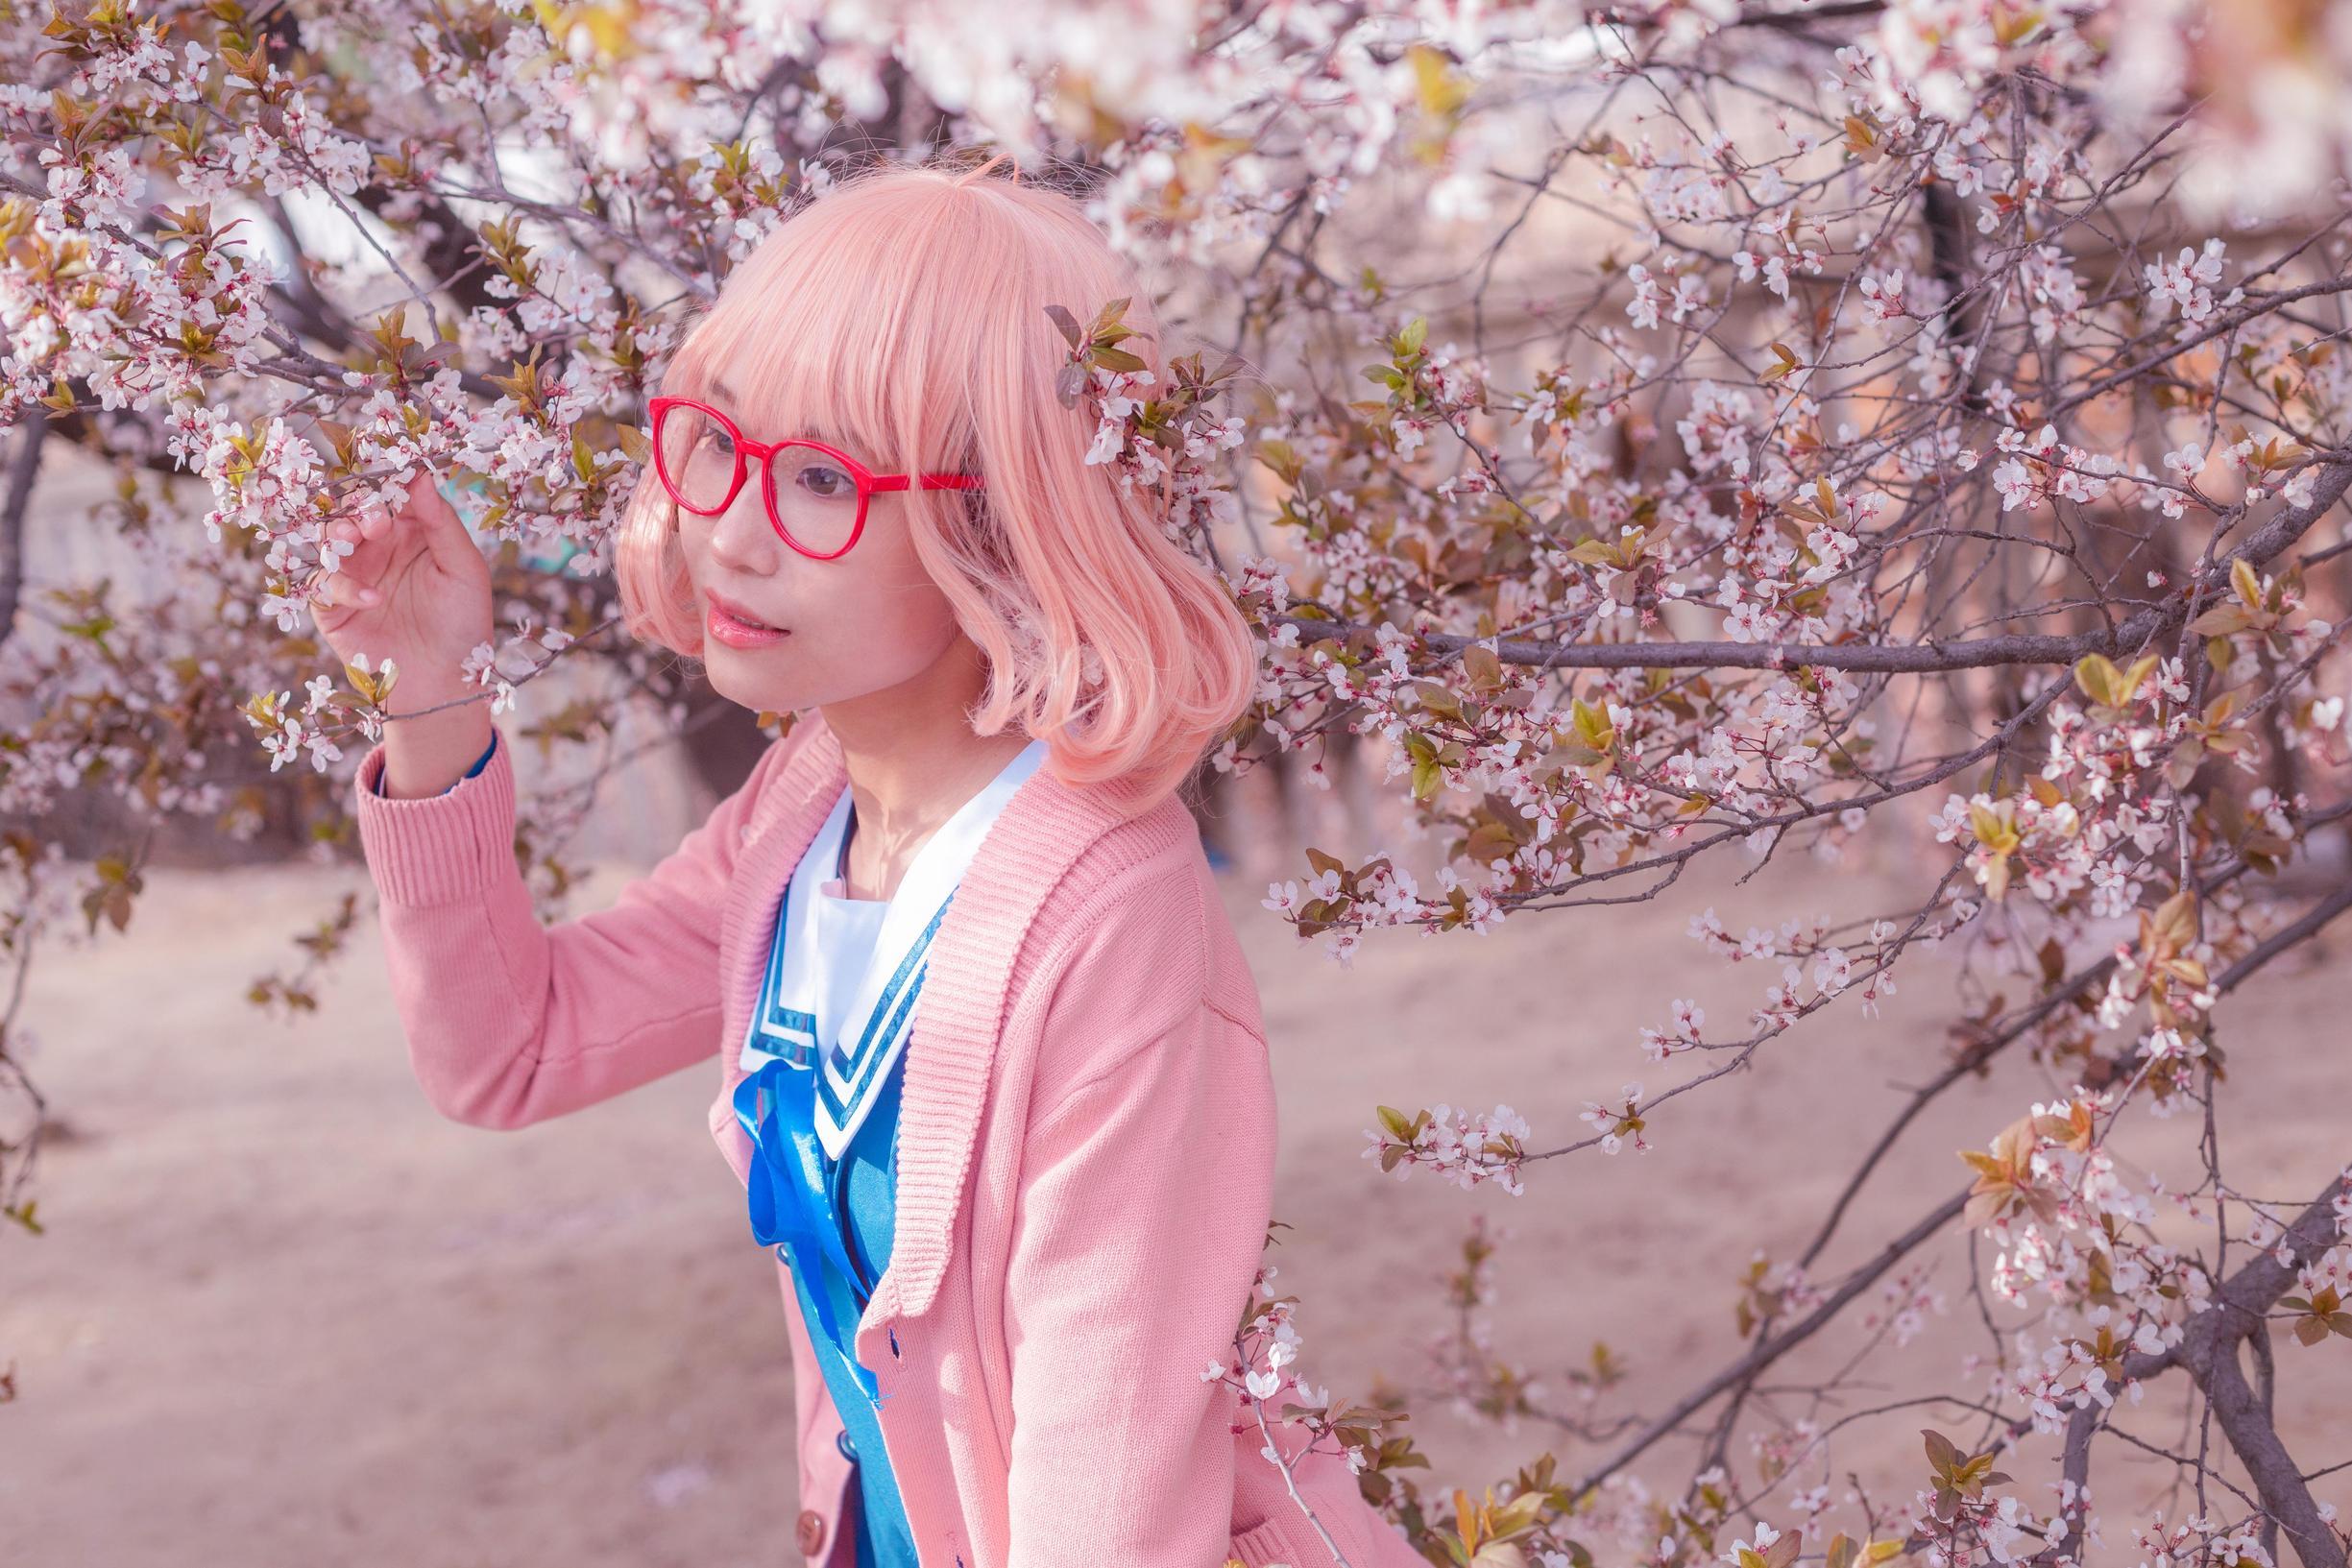 《境界的彼方》正片cosplay【CN:Kanna鹤见】-第8张